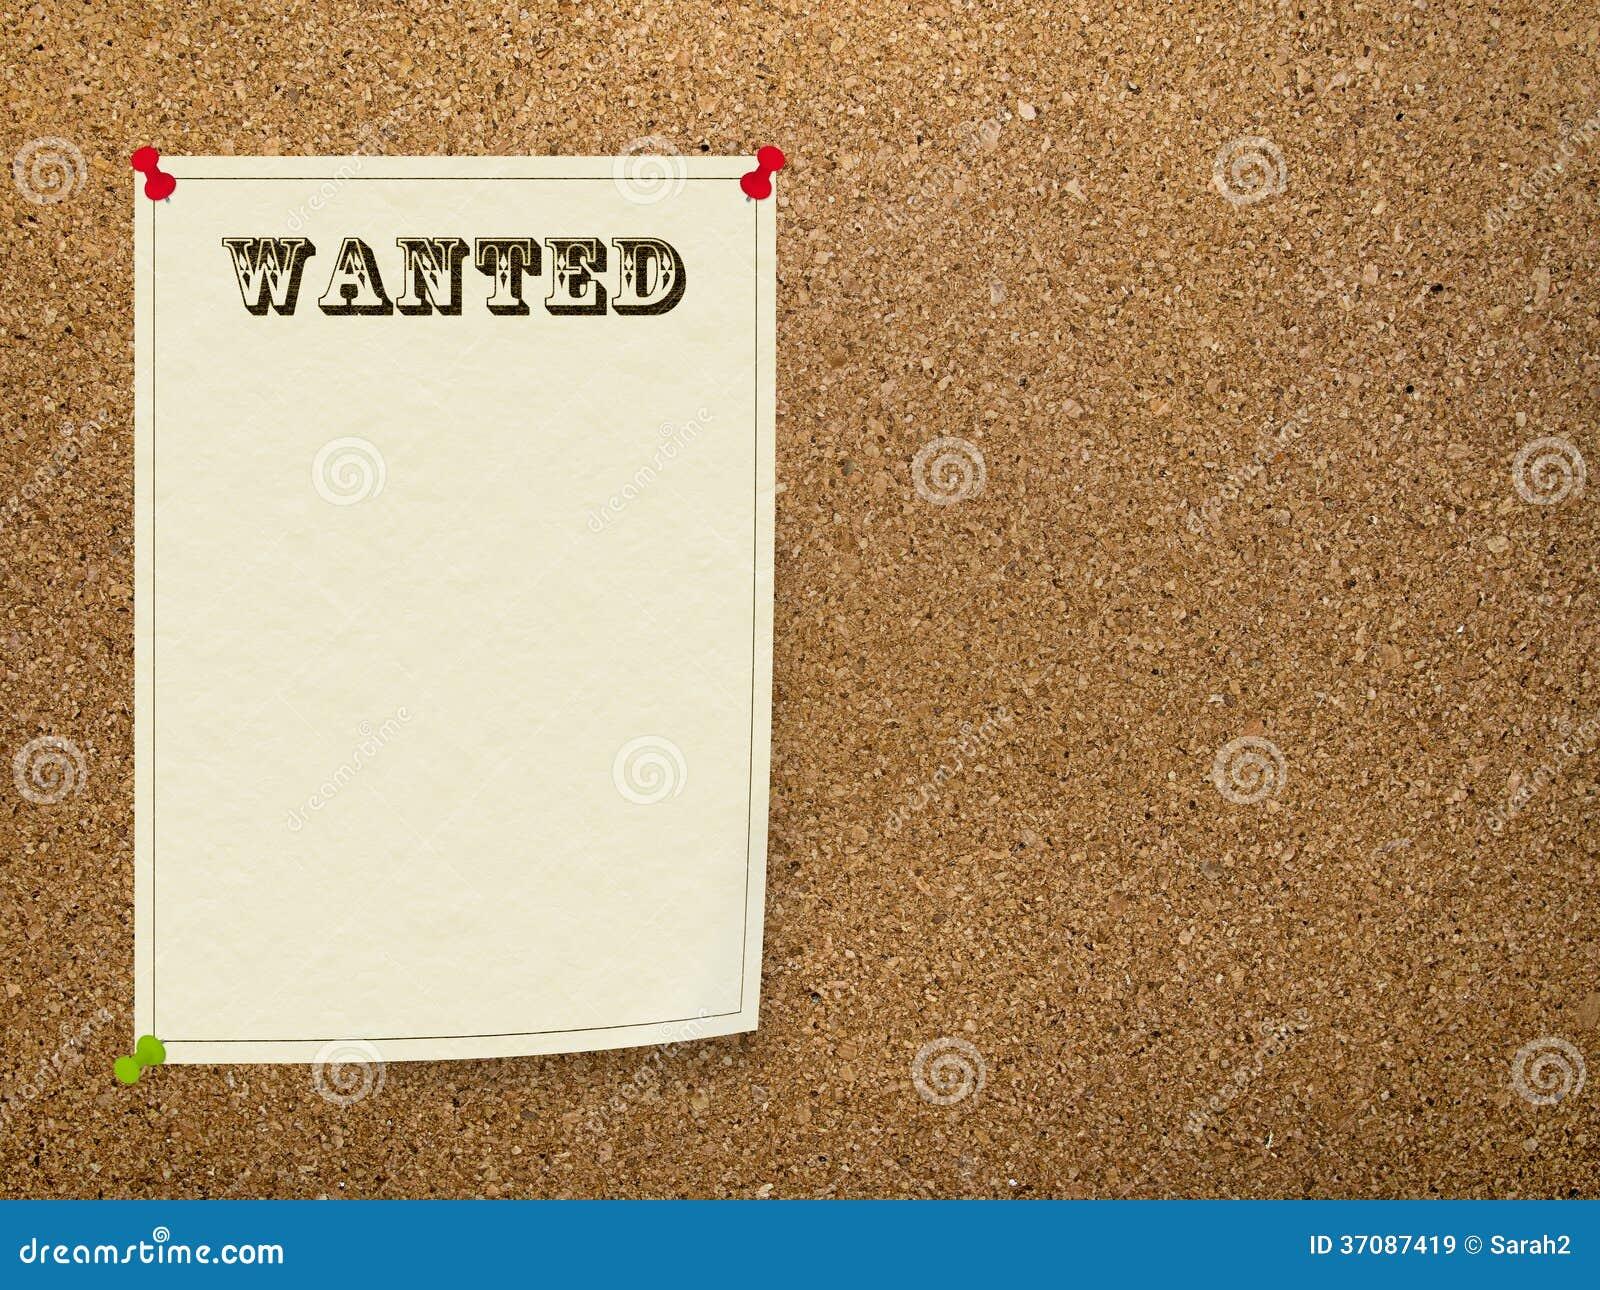 Wanted Notice On Office Bulletin Board, Corkboard